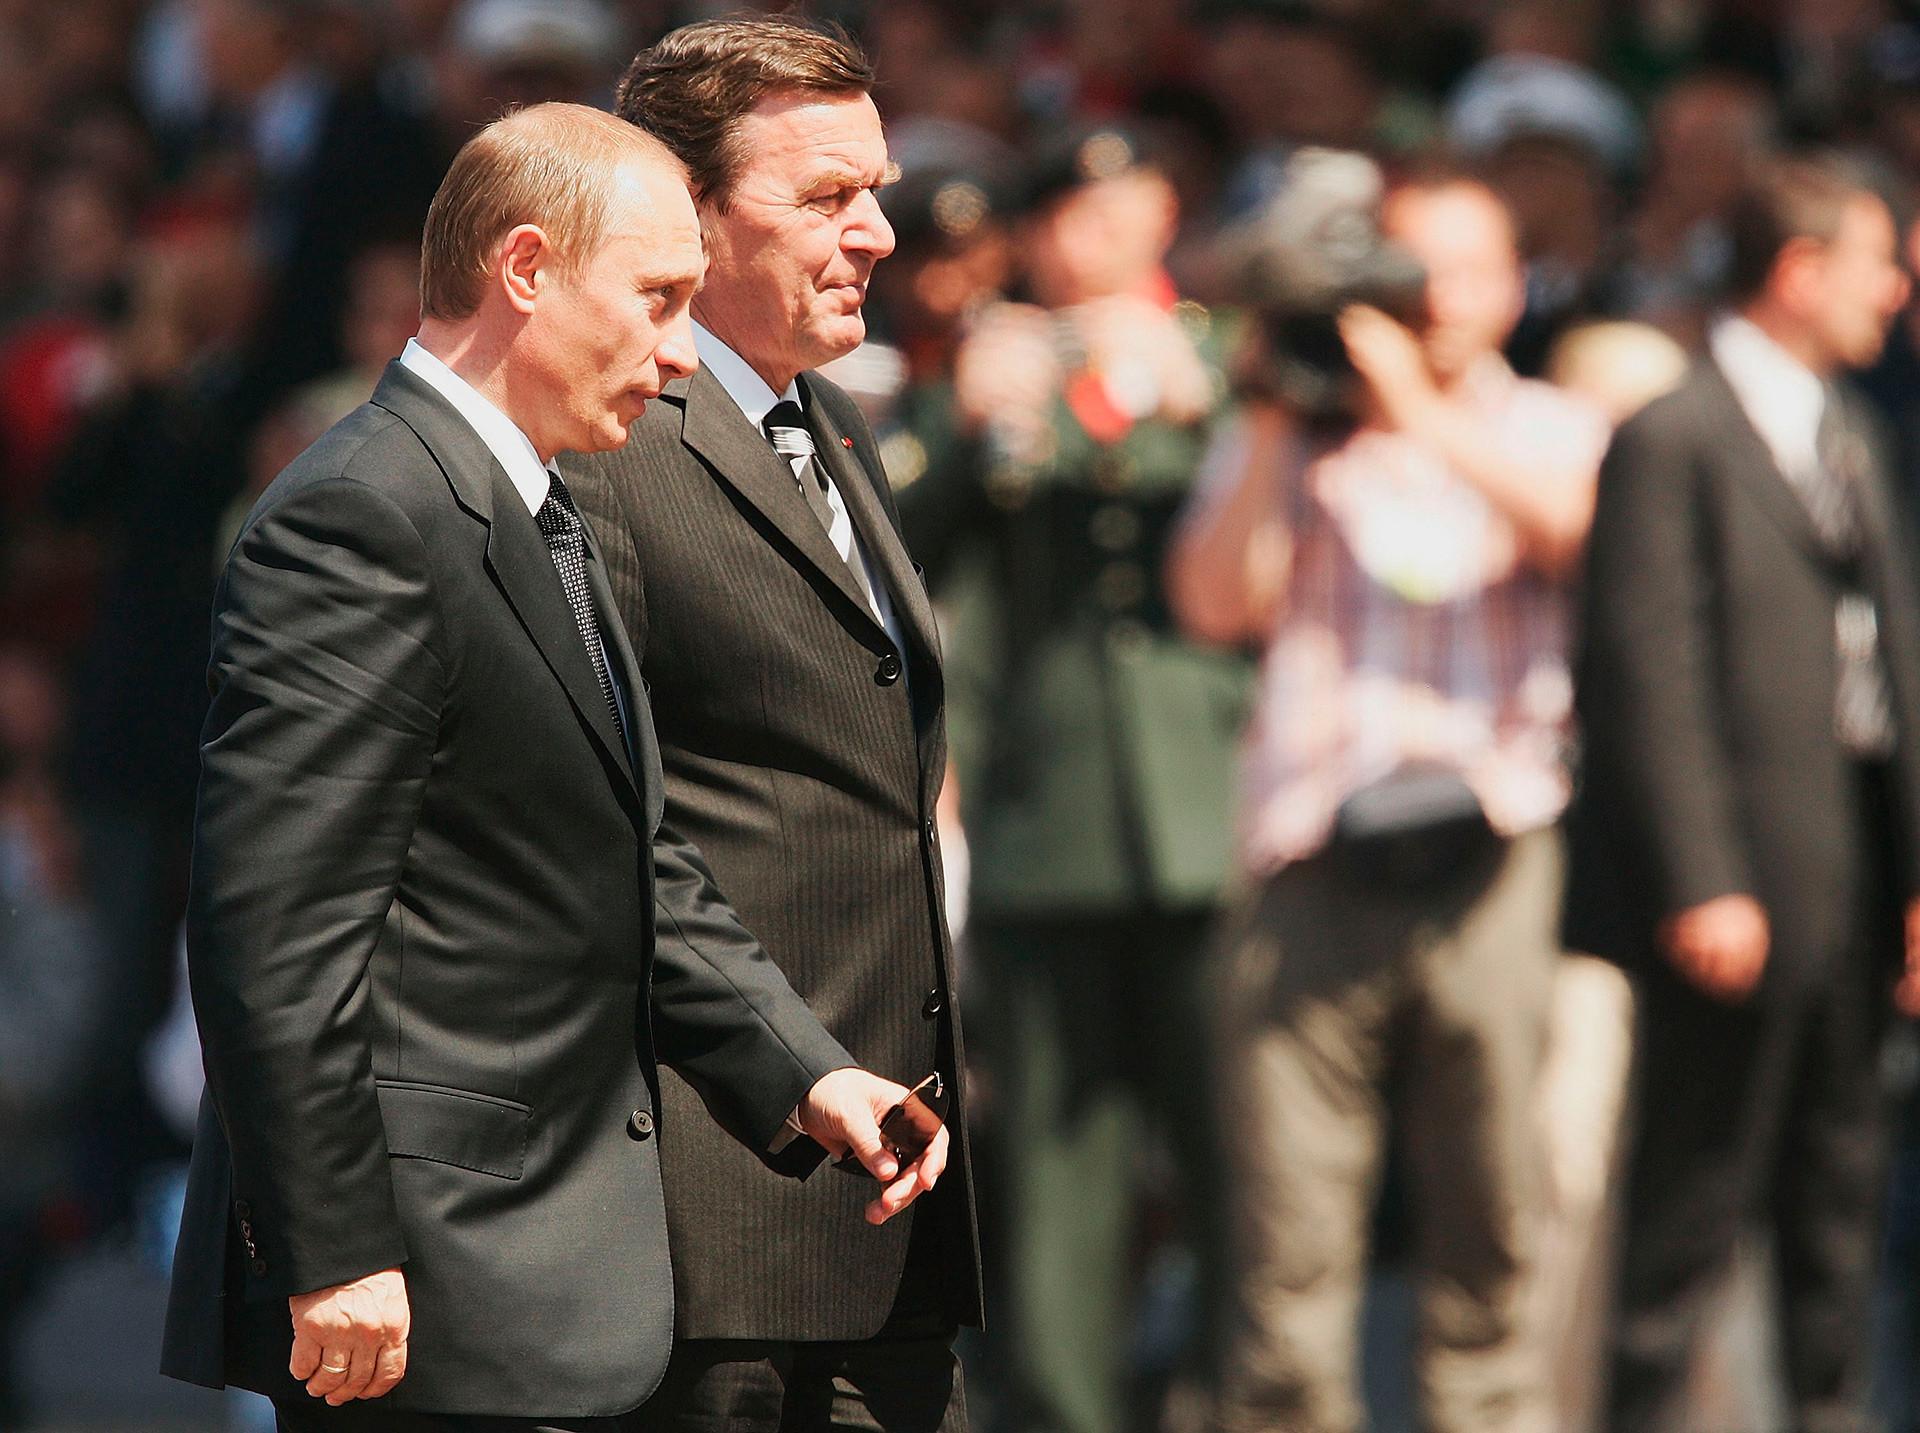 Pútin (esq.) com o então chanceler alemão Gerhard Schroder (dir.).